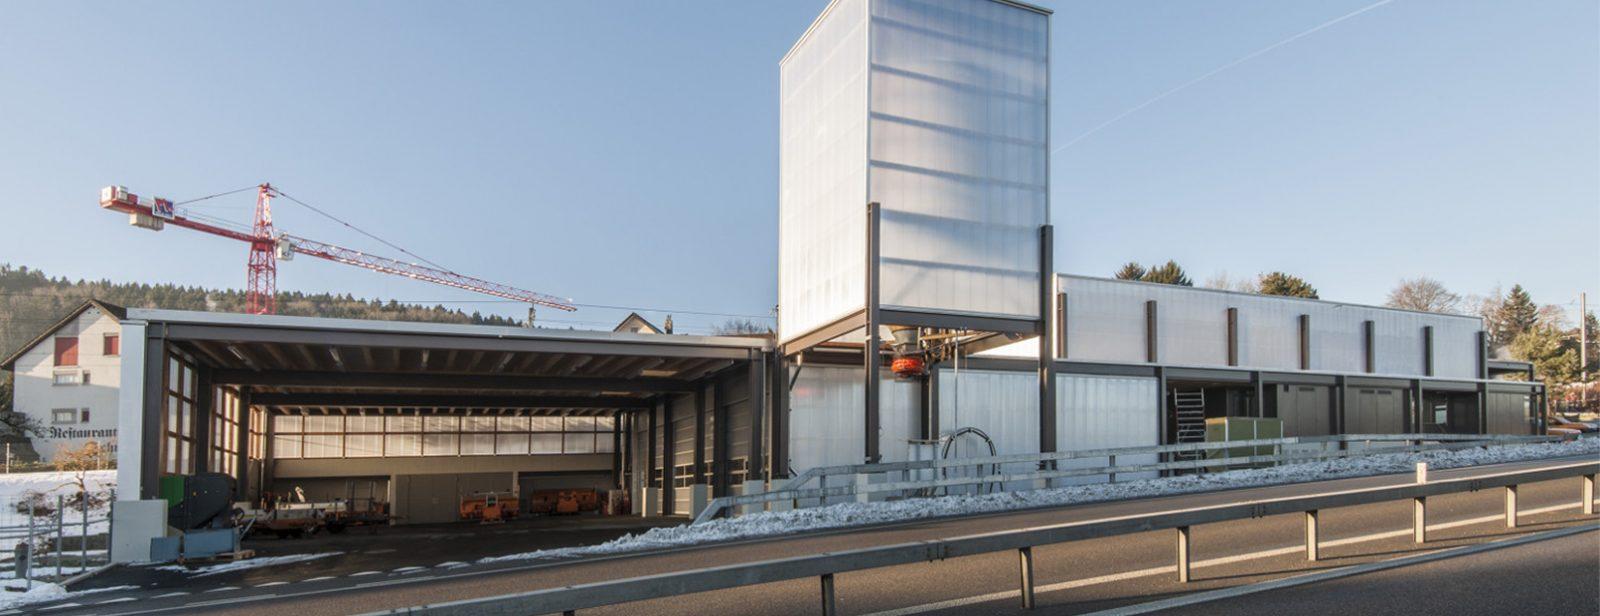 Umbau Werkhof, Forch